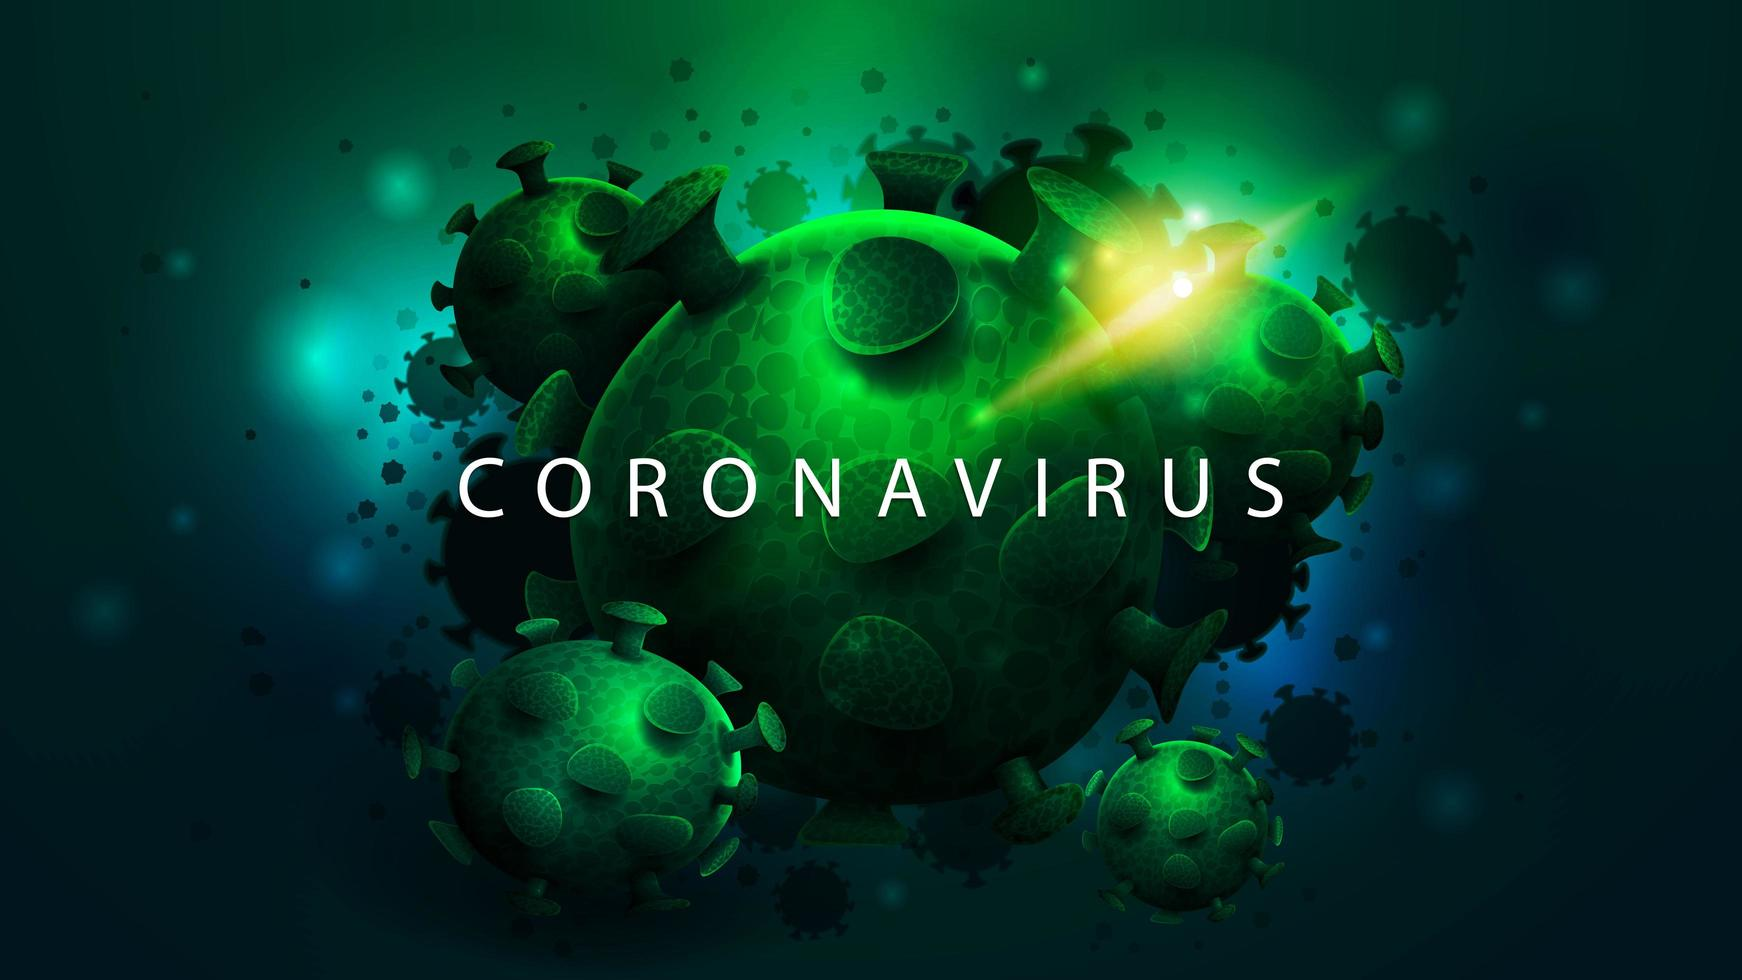 cartaz escuro com grandes moléculas de coronavírus verde vetor